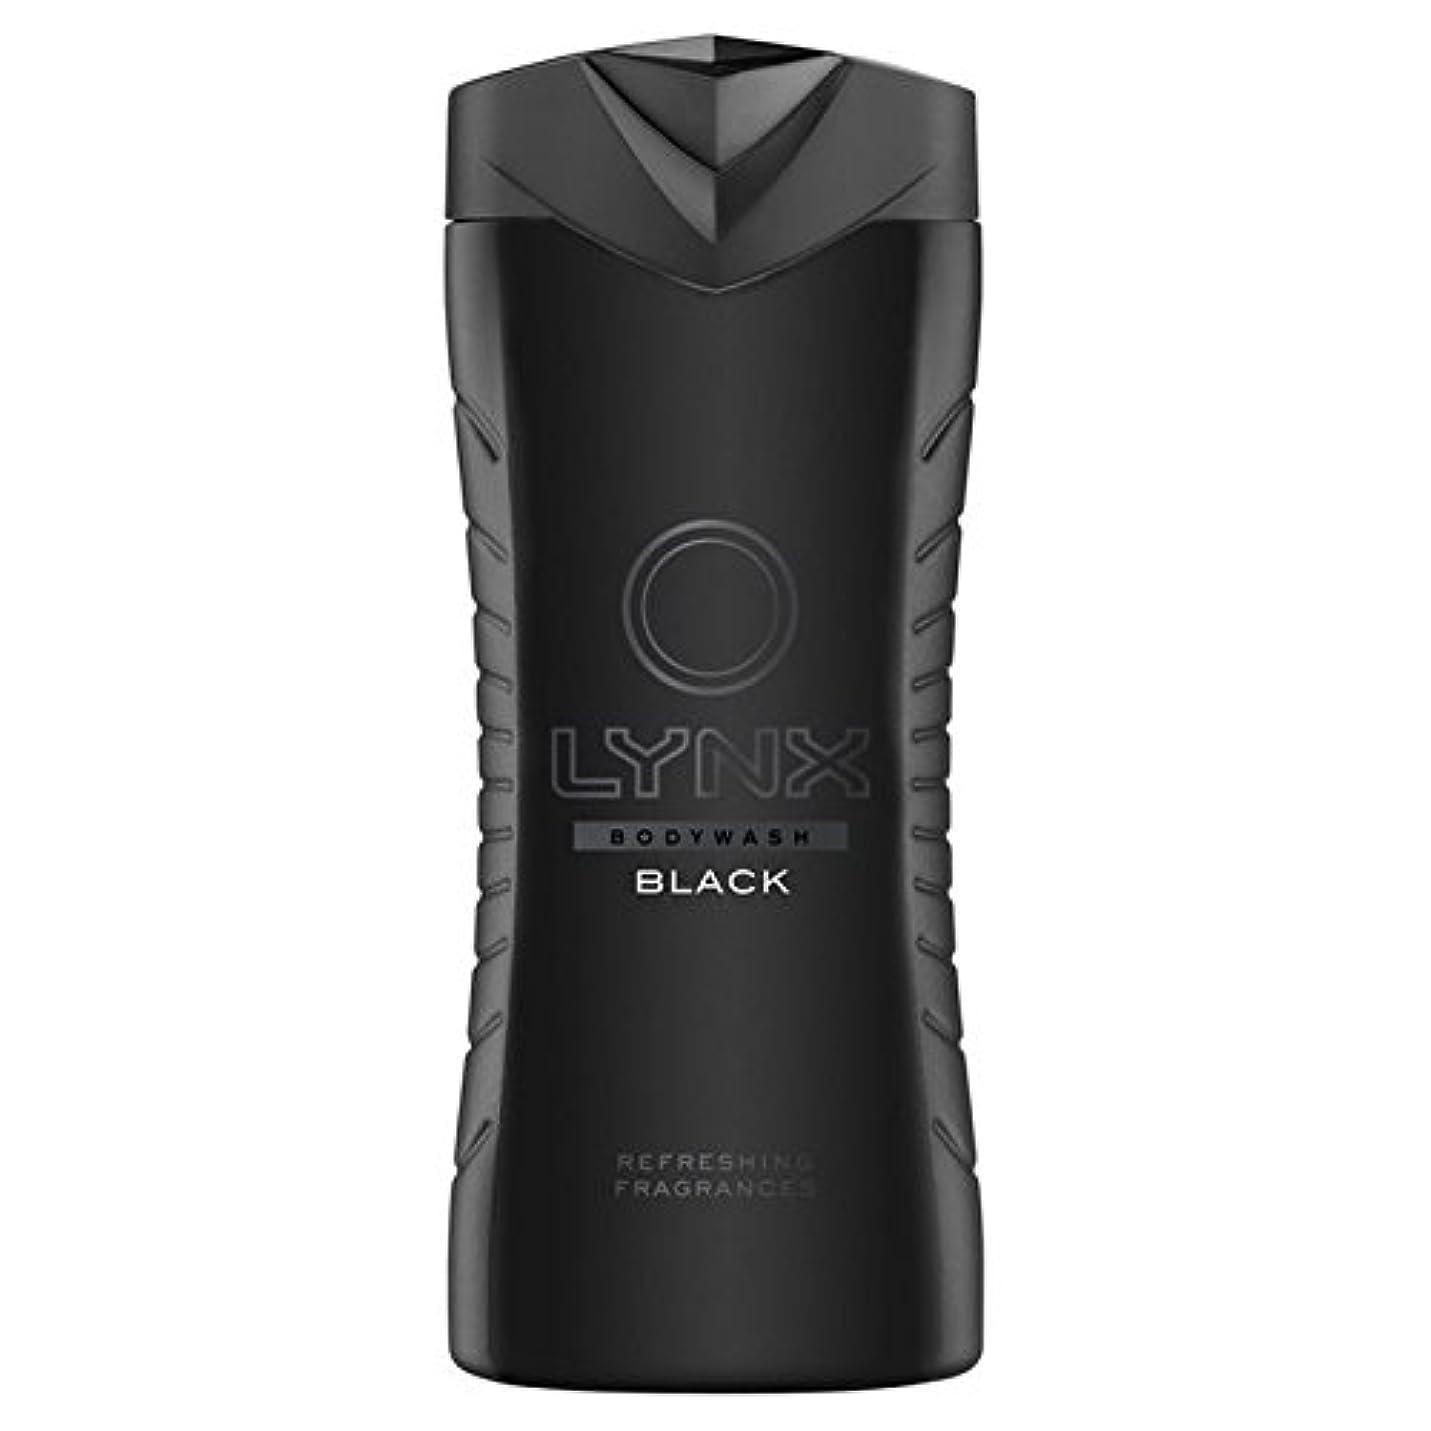 こするコード前者Lynx Black Shower Gel 400ml (Pack of 6) - オオヤマネコブラックシャワージェル400ミリリットル x6 [並行輸入品]